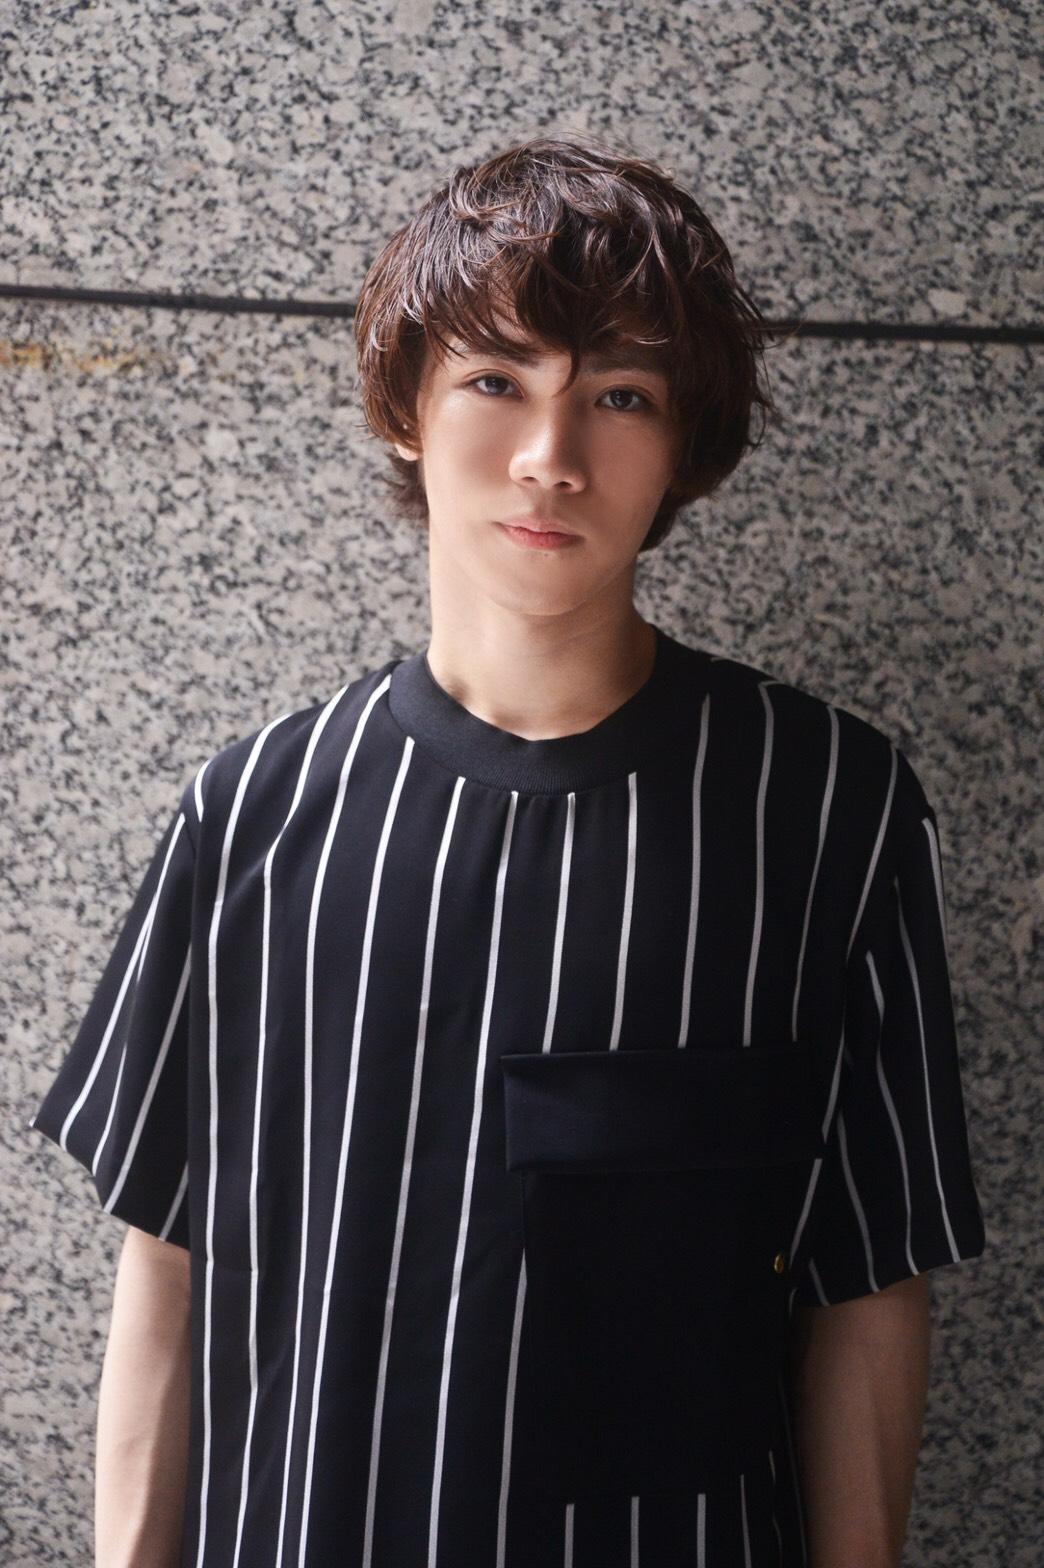 新所属のお知らせ】阿瀬川健太(あせがわけんた) | 株式会社オレンジ